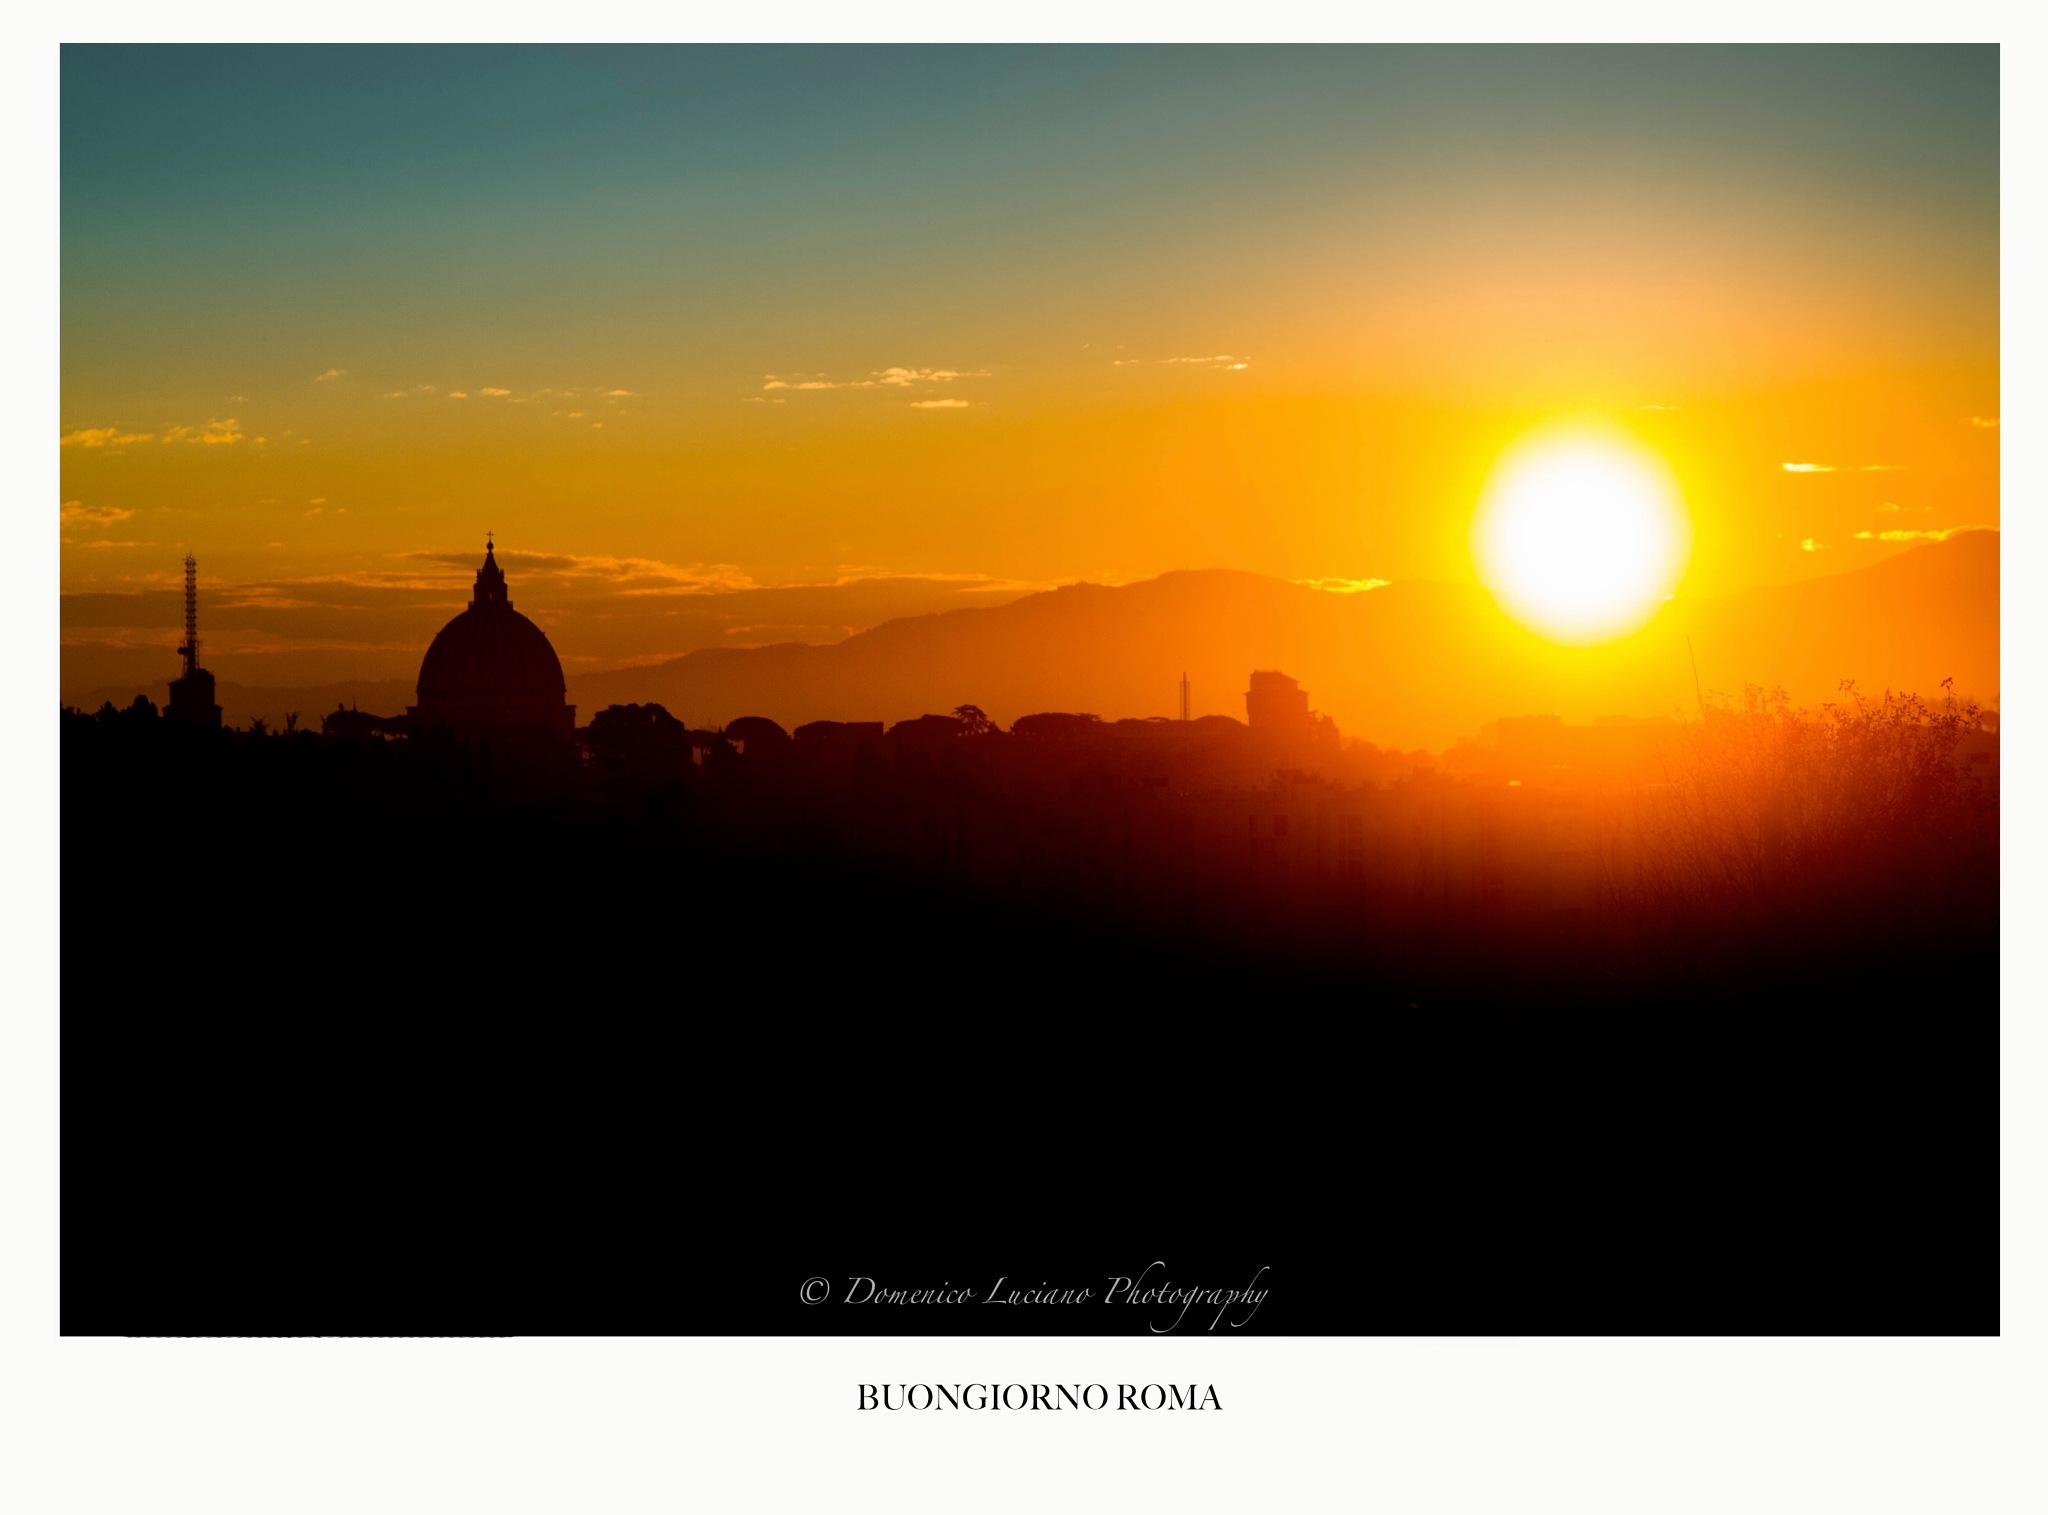 Buongiorno Roma by Domenico Luciano Photography